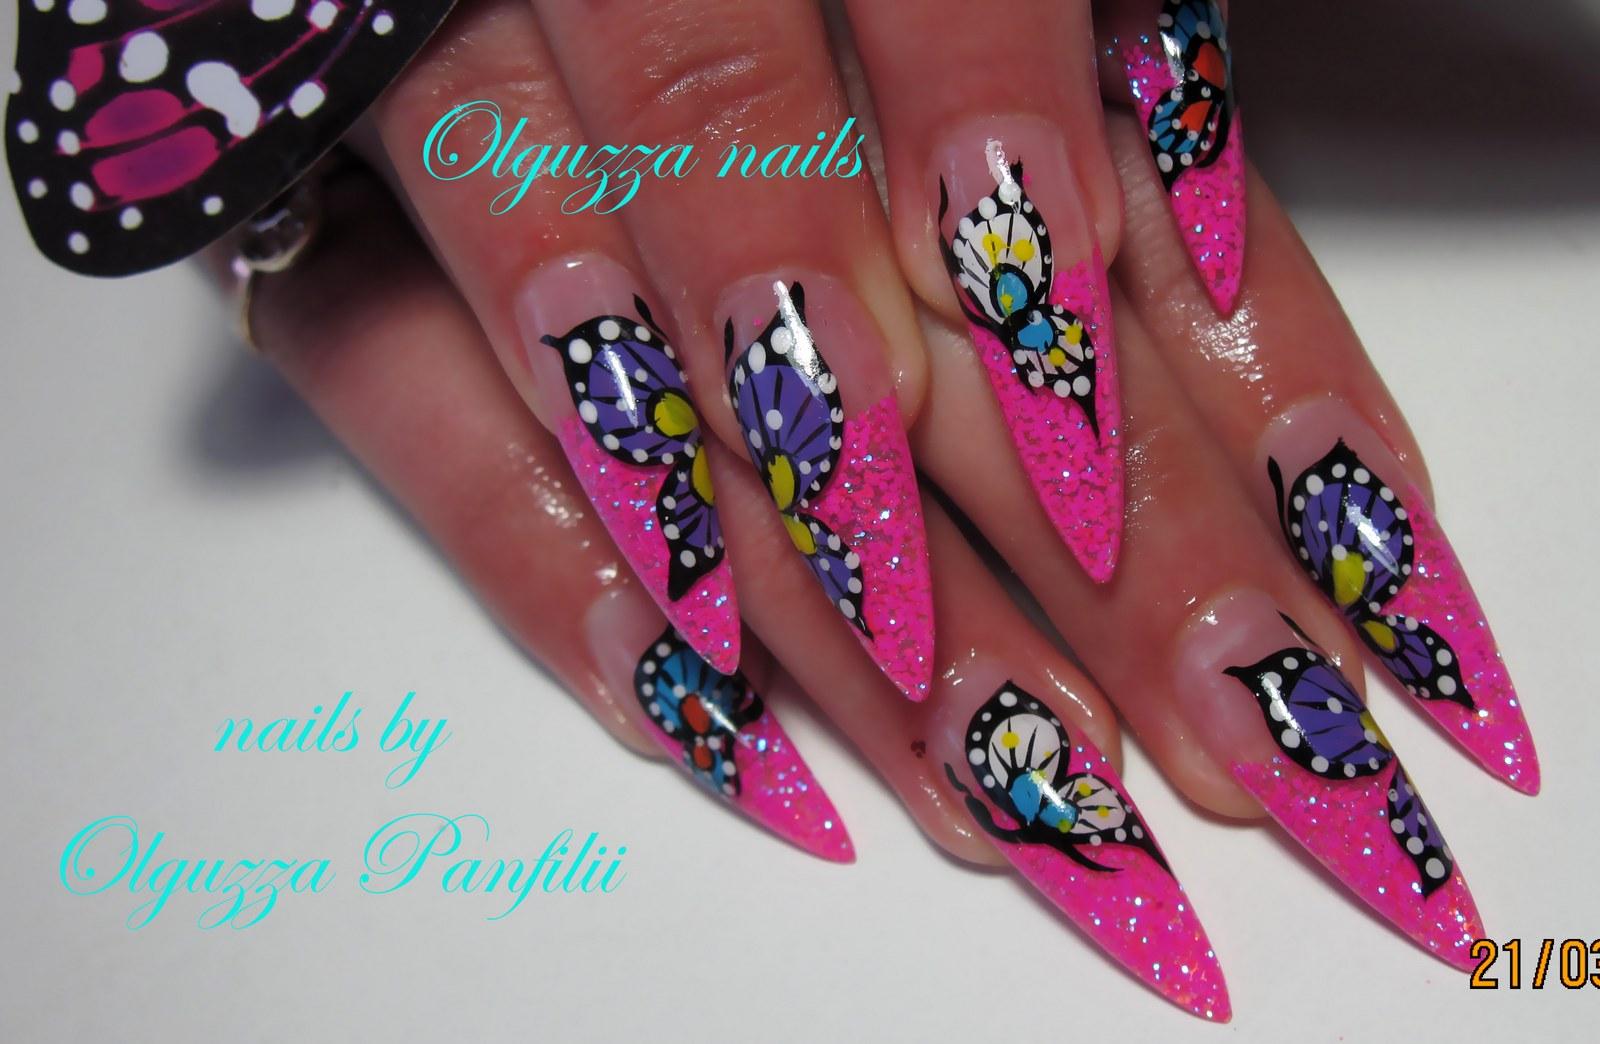 Красивые рисунки на длинных ногтях